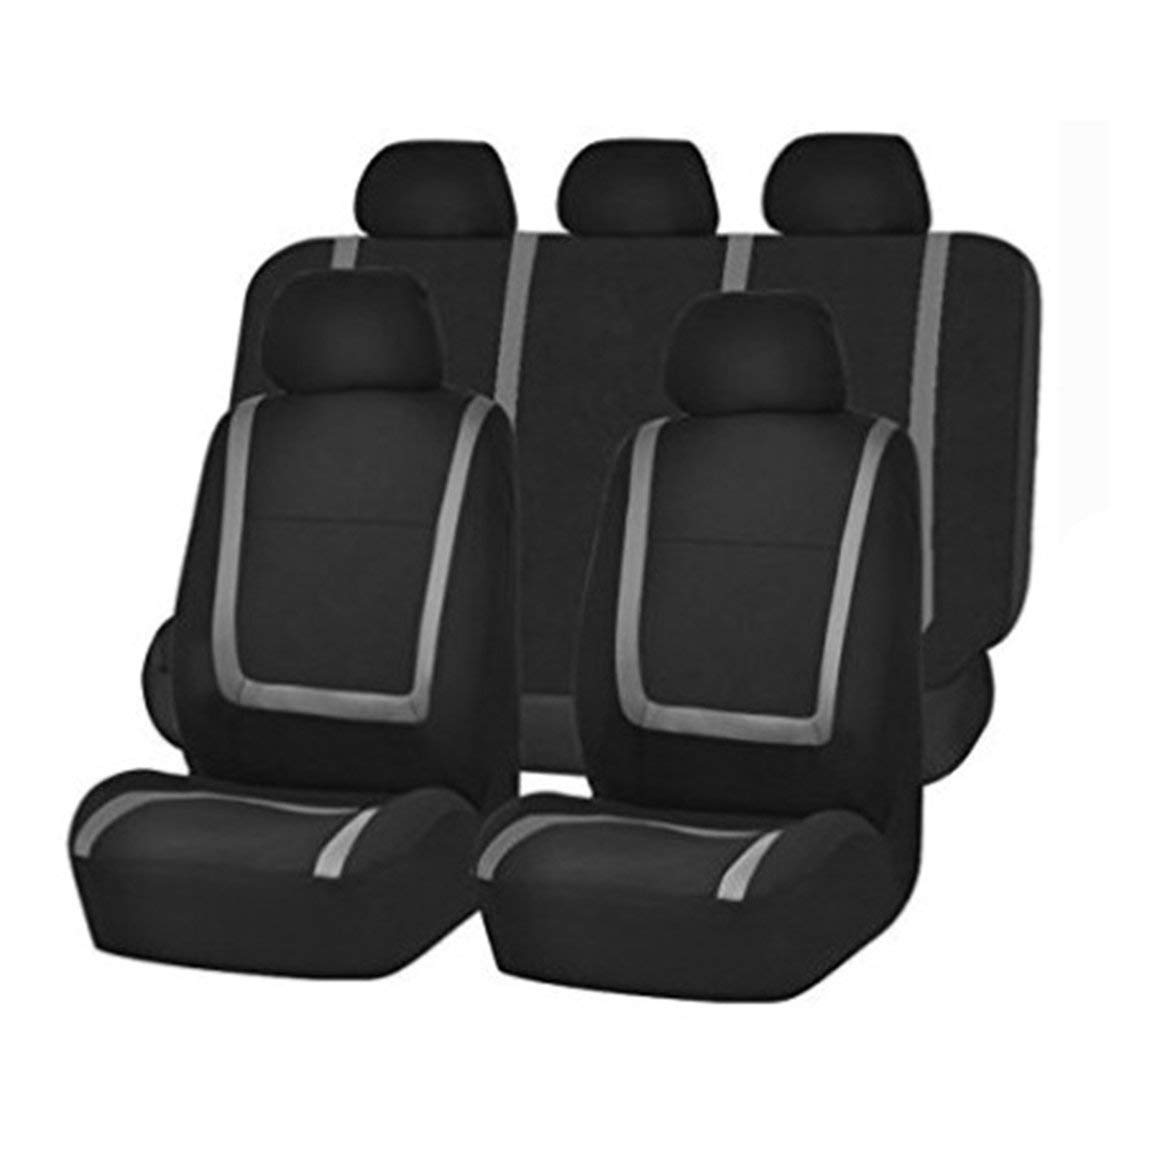 Funnyrunstore 9 pezzi//set Moda coprisedili auto a strisce antipolvere lavabile Proteggi sedile universale coprisedili per auto arancione